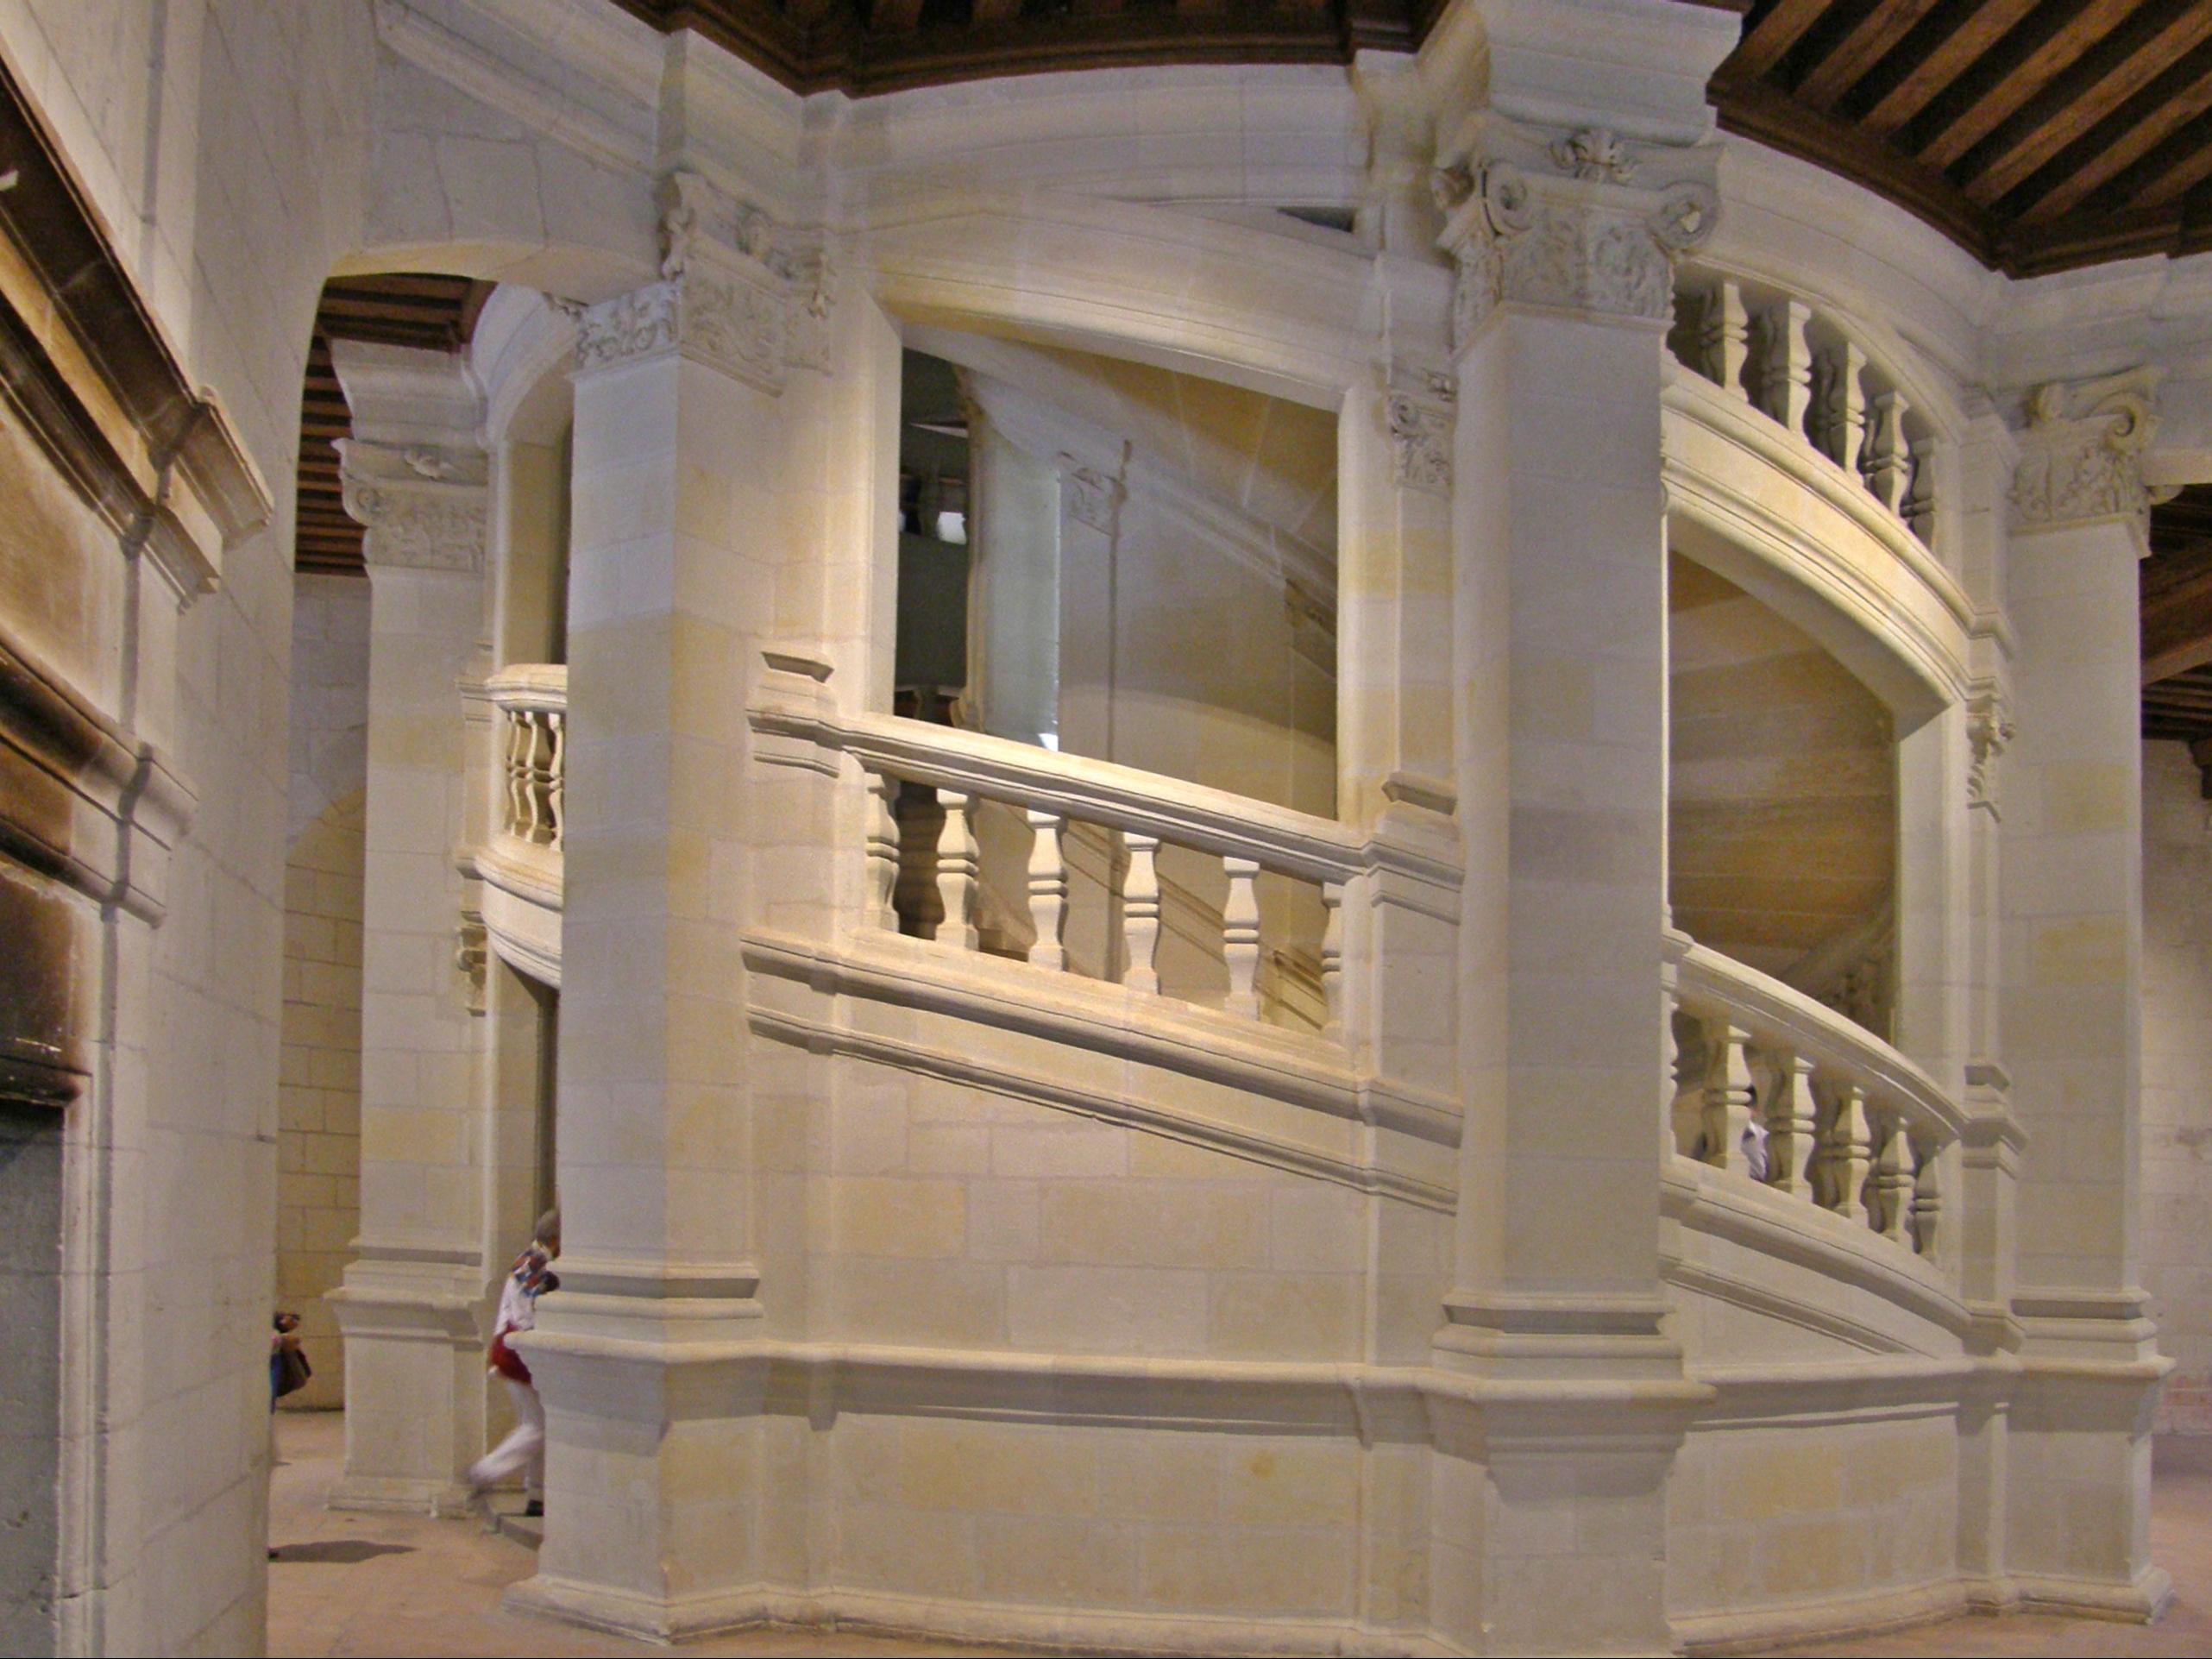 file ch teau de chambord l 39 escalier. Black Bedroom Furniture Sets. Home Design Ideas